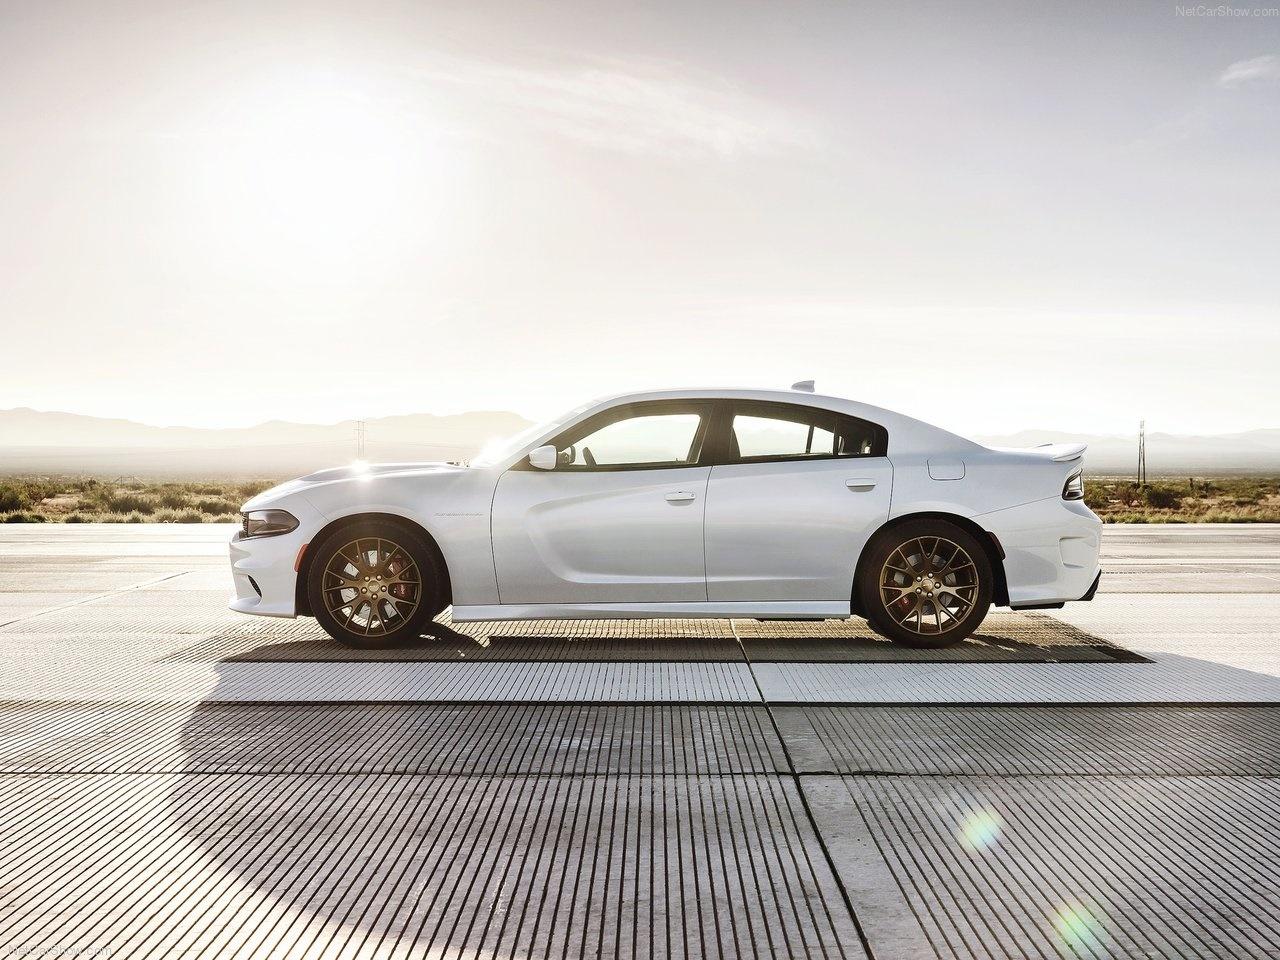 گربه جهنمی دوج، نیرومندترین و سریعترین خودروی تولید انبوه